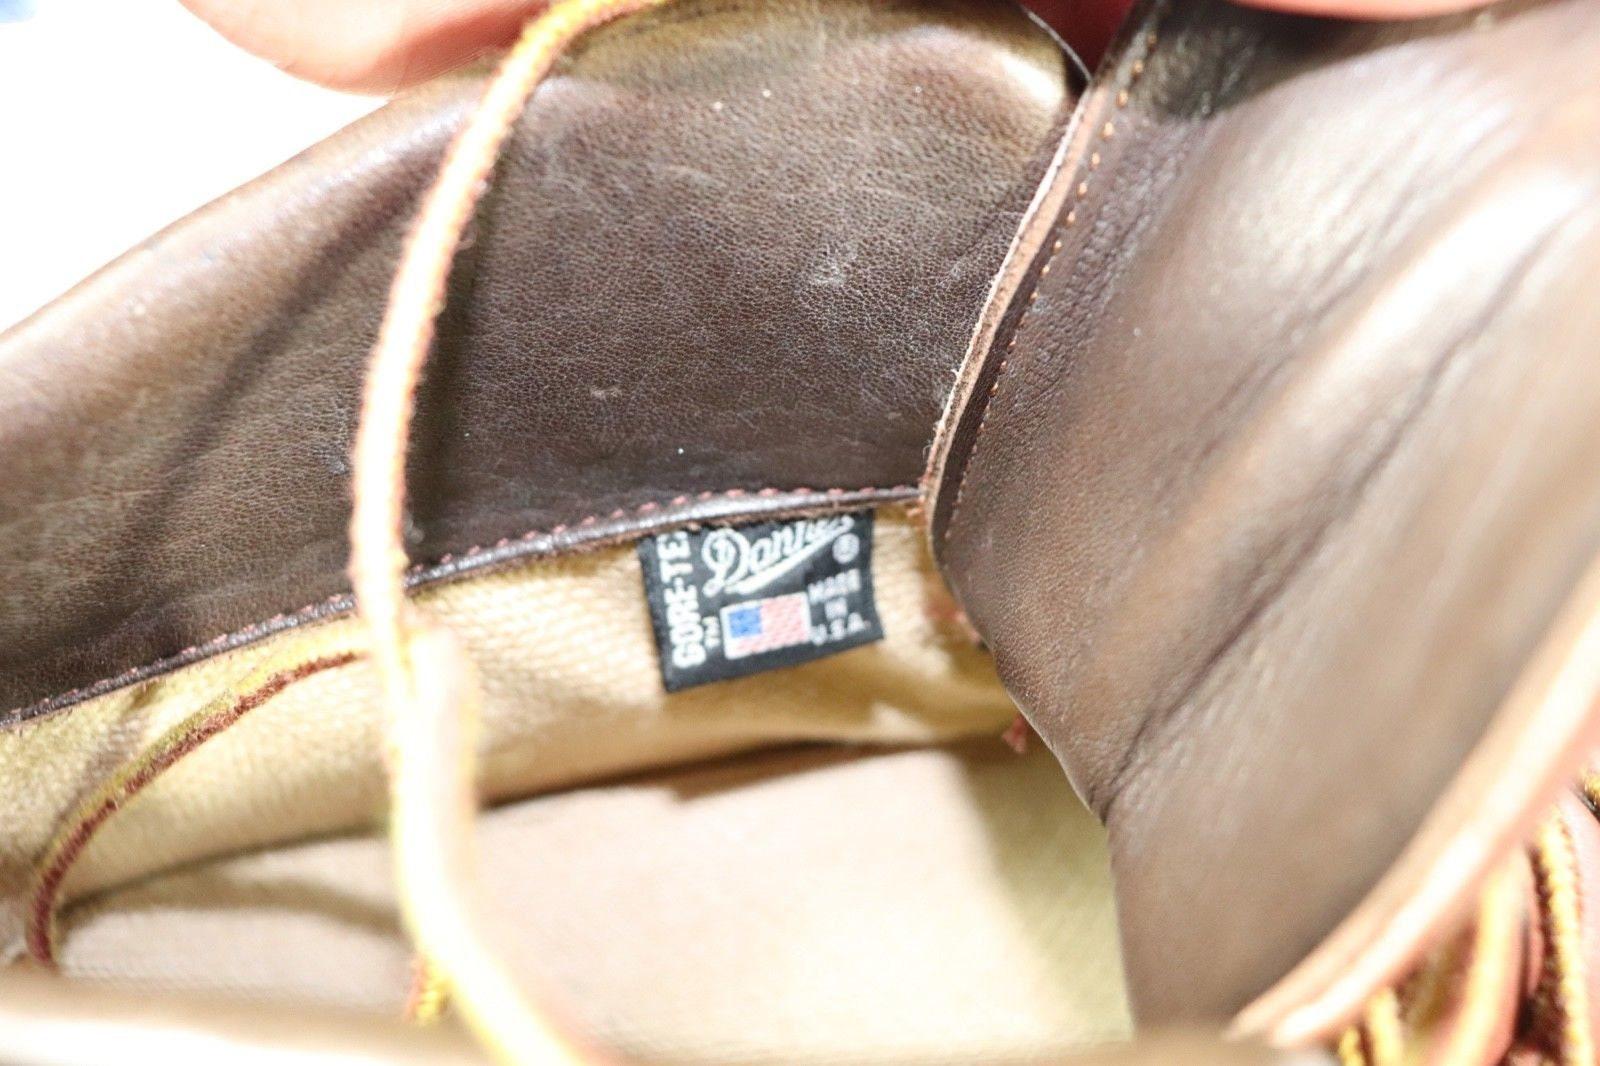 80s nuevo Danner Goretex cuero Hiking Mountain  botas botas botas  Marrón  hombres  9.5 D Vintage Danner Mountain  botas   hombres  Hiking  botas  1980s  hombres   botas  5cf2d9